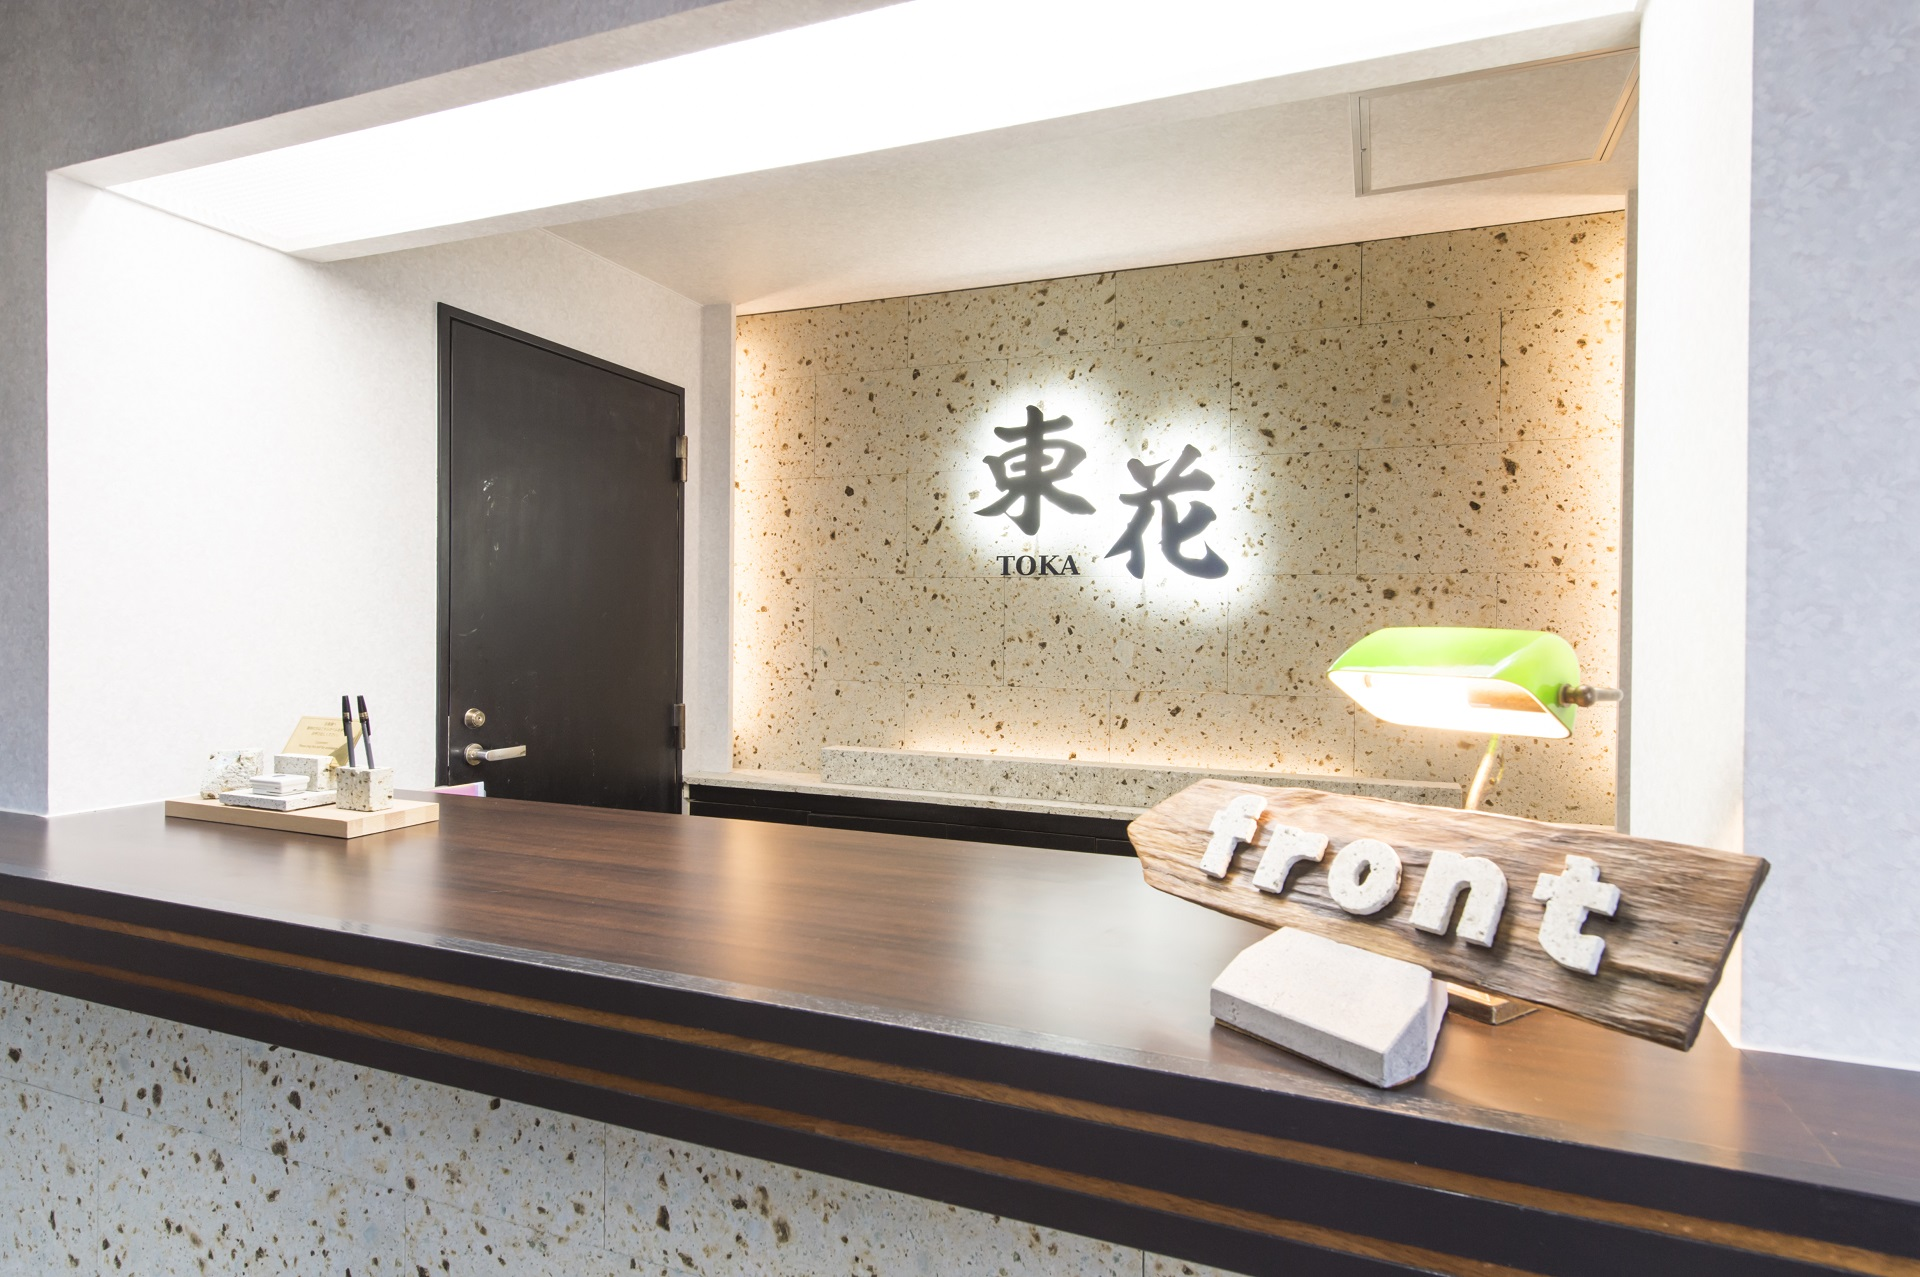 ビジネスホテル TOKA HOTEL